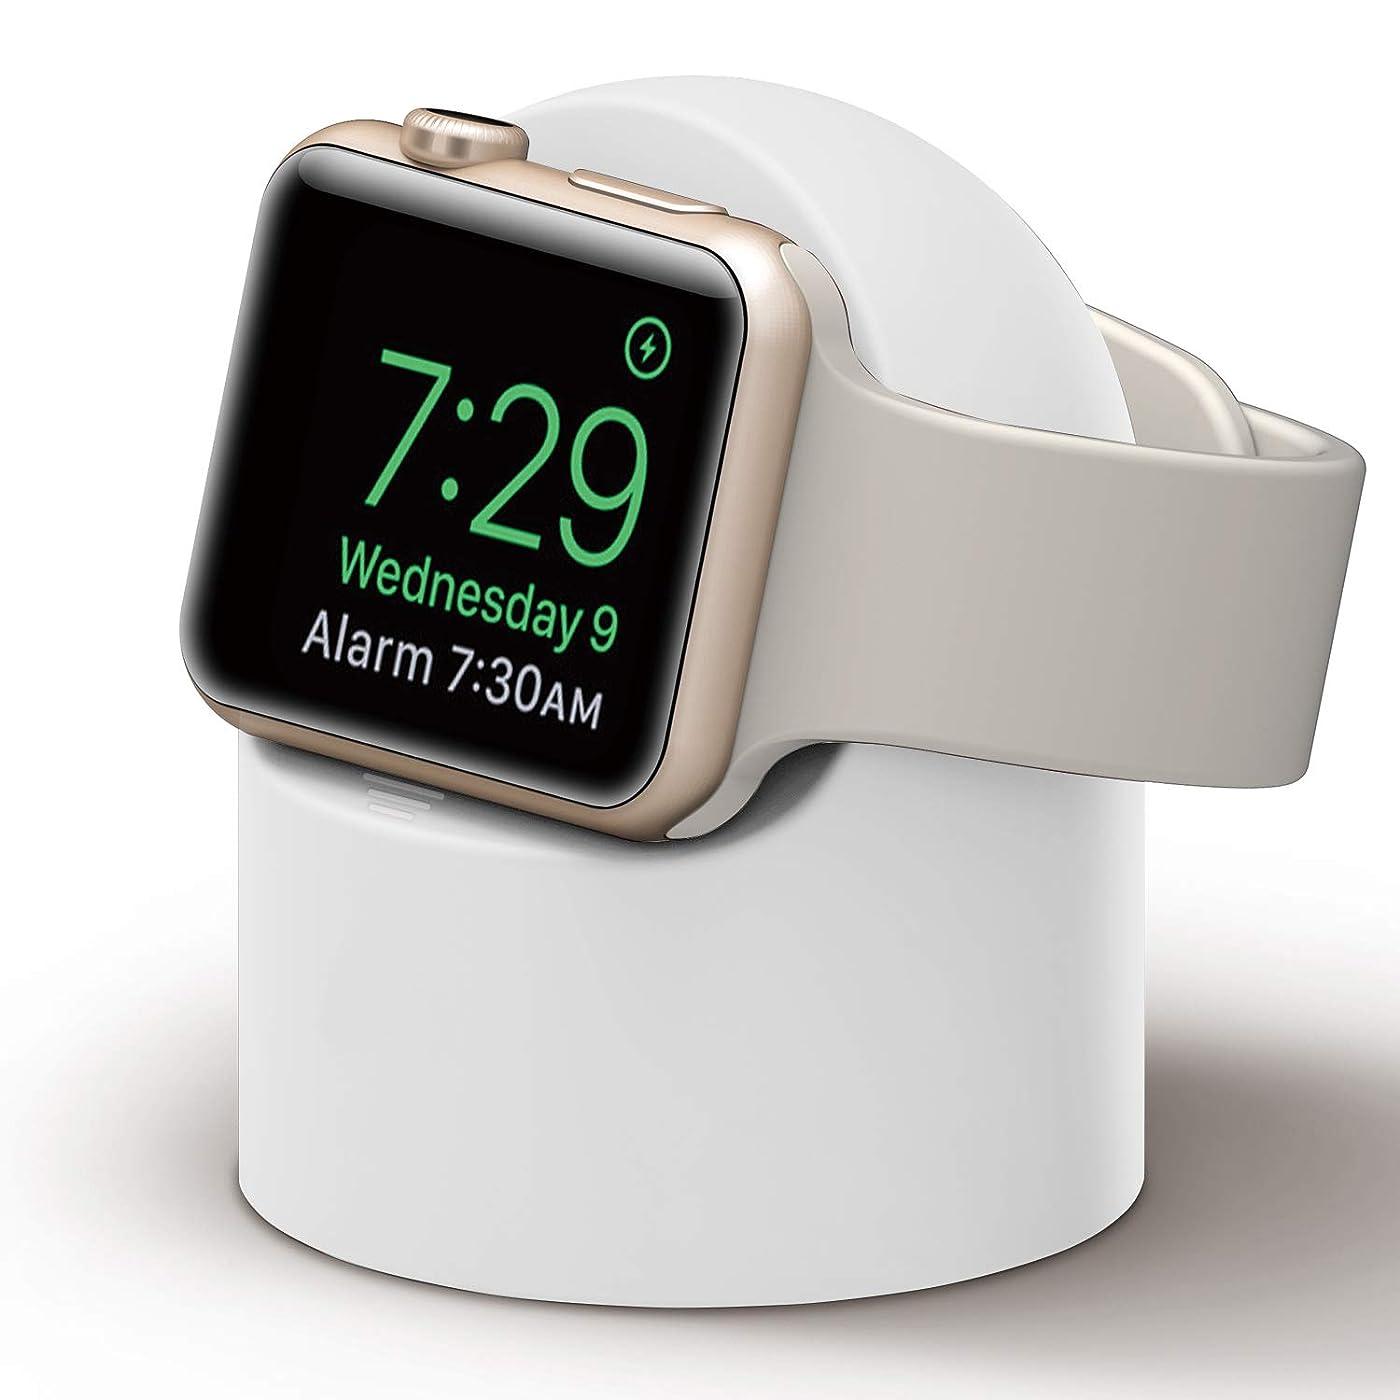 報酬ナイトスポット裁判官Apple Watch 充電スタンド [Apple Watch 充電 クレードル ドック ]シリコン製アップルウォッチ充電スタンド (ホワイト)